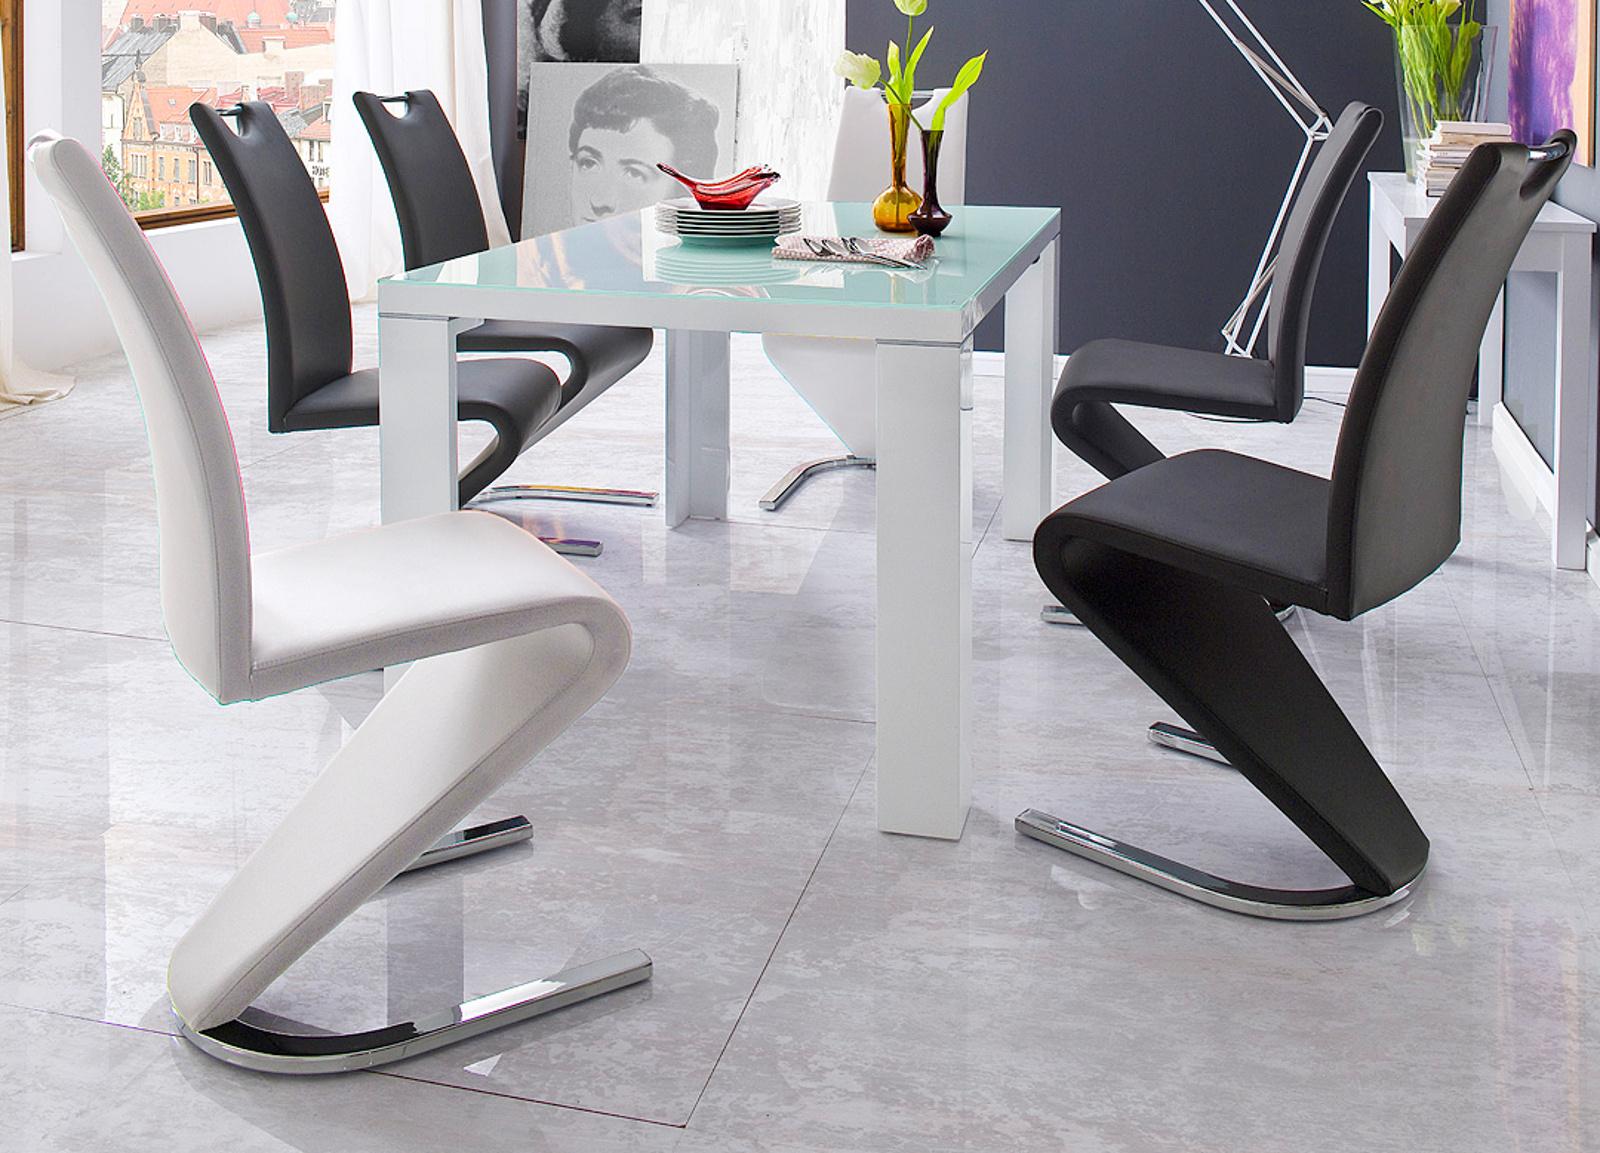 Moderne Büromöbel in Ahorn - Designermöbel - moderne Möbel | owl ...